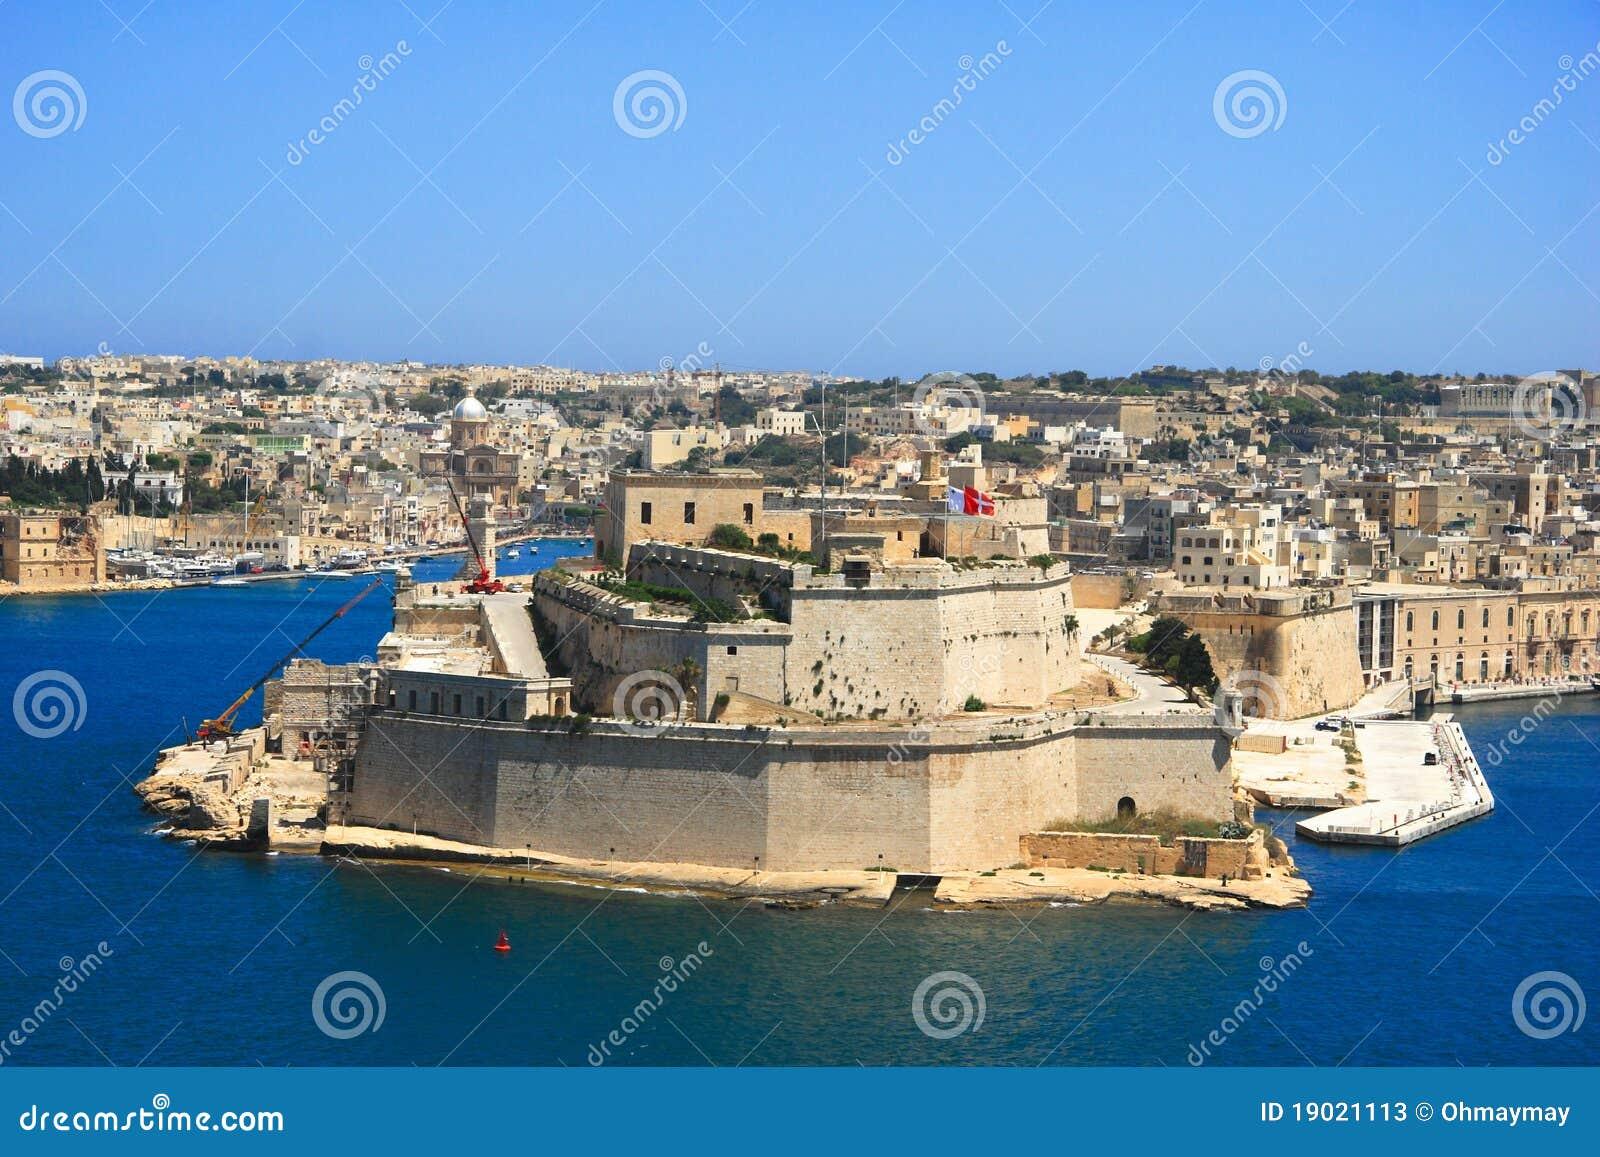 valletta old town coastline  malta stock image